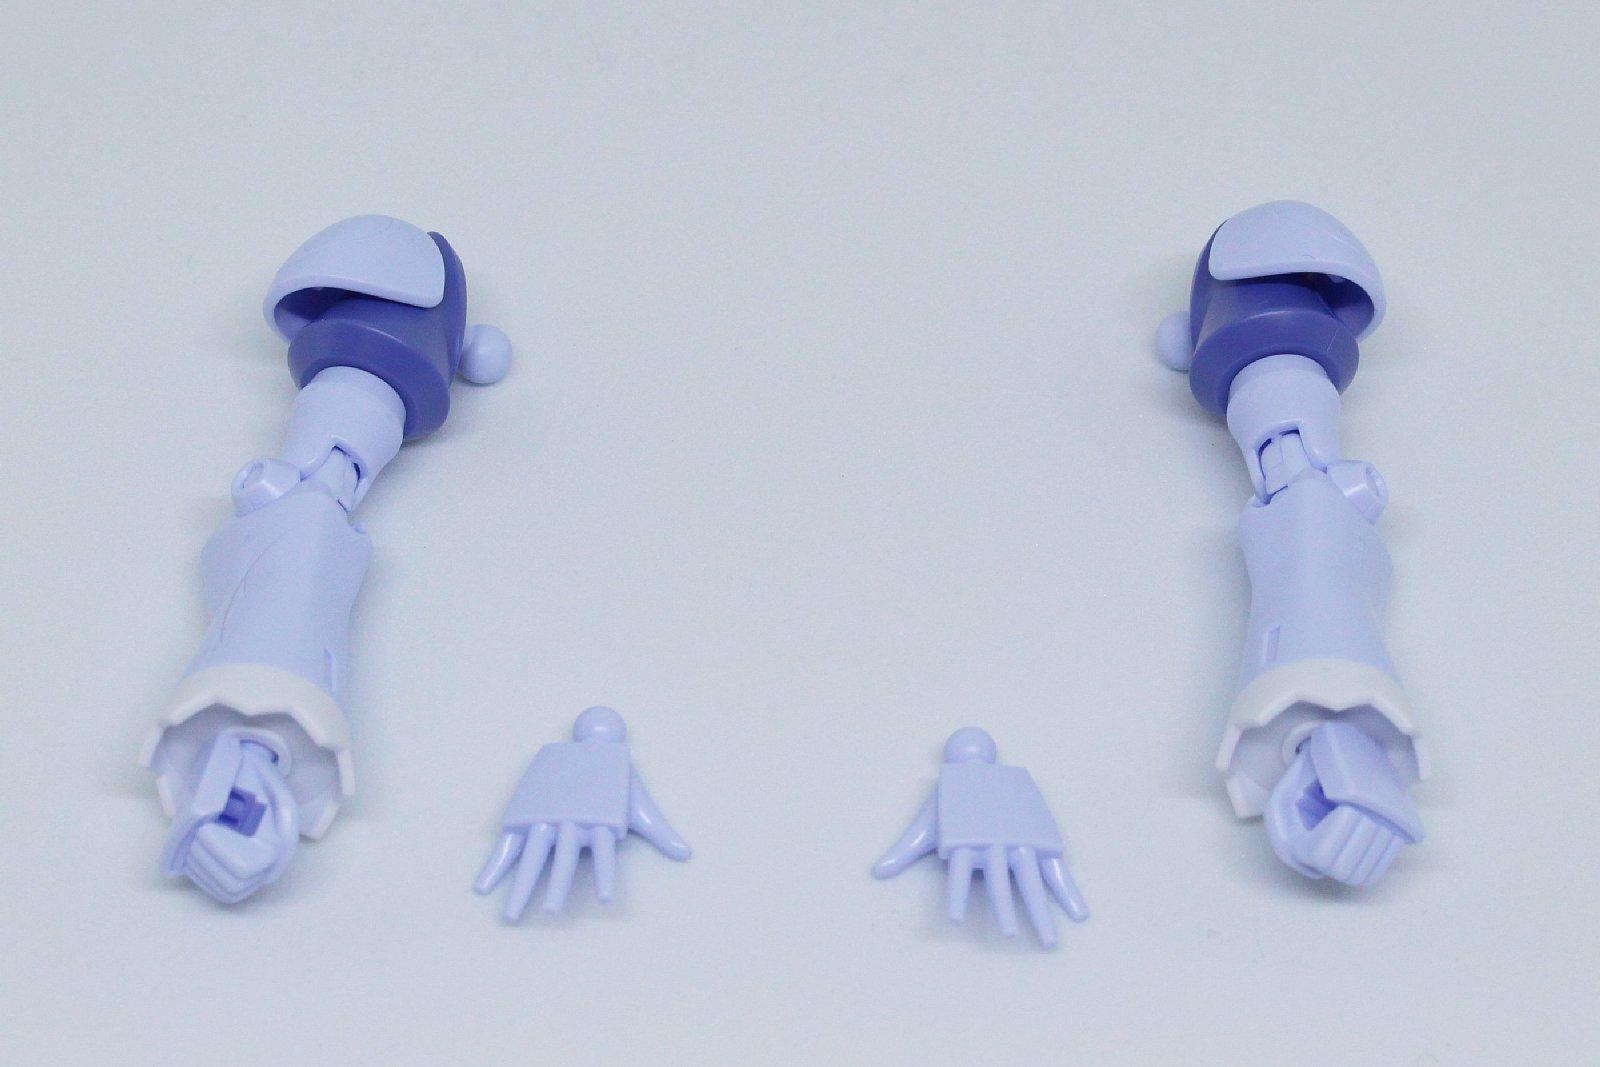 腕の組み立て。平手と拳の2種類が付属する。未使用パーツに装甲のない手があり、それも使える